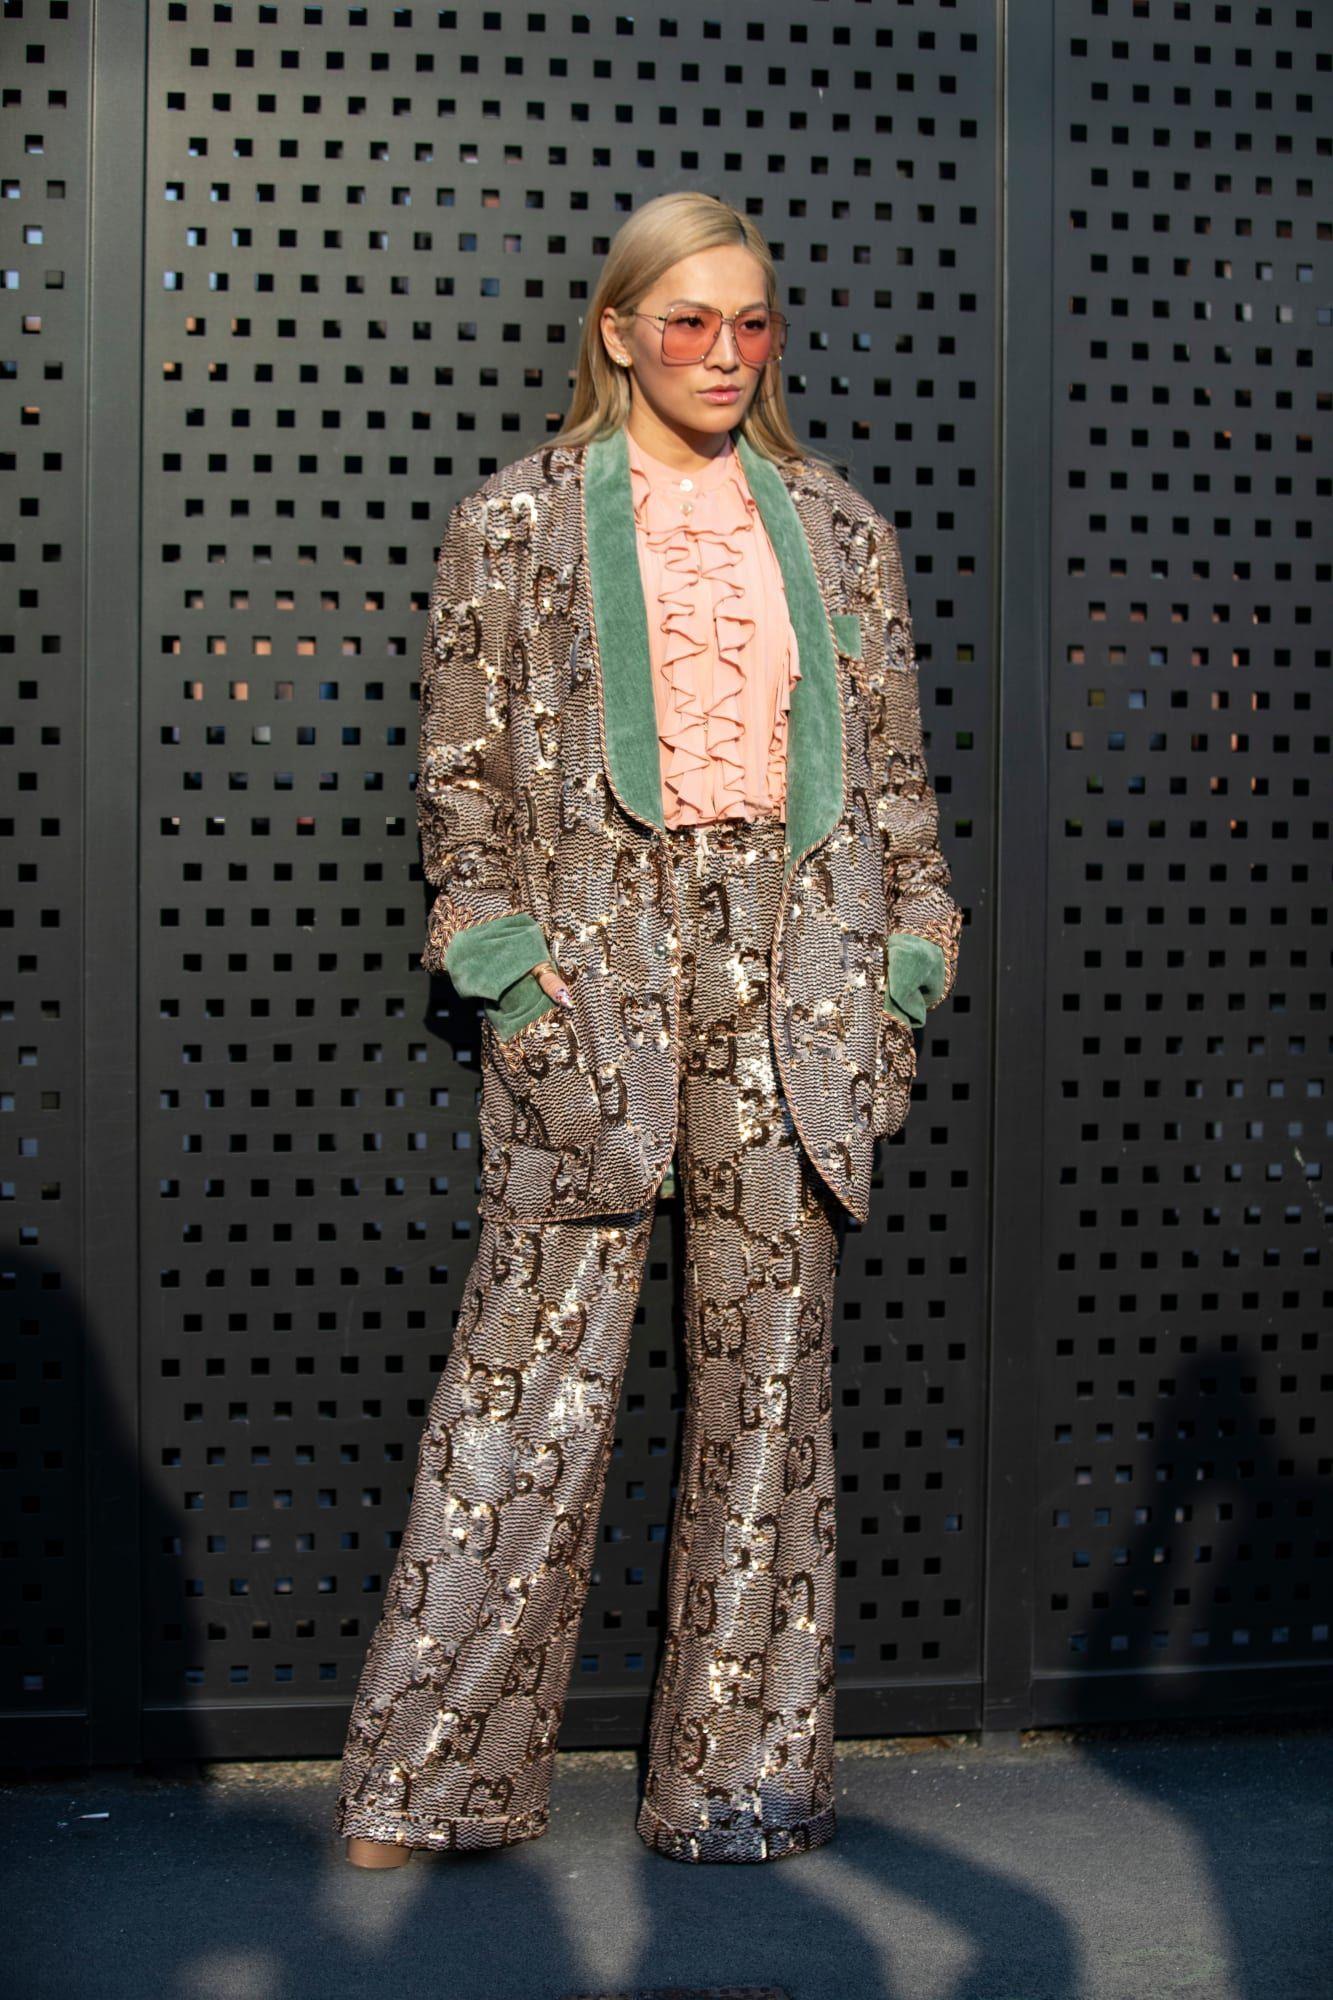 phối đồ theo phong cách thời trang maixmalism trang phục họa tiết da rắn